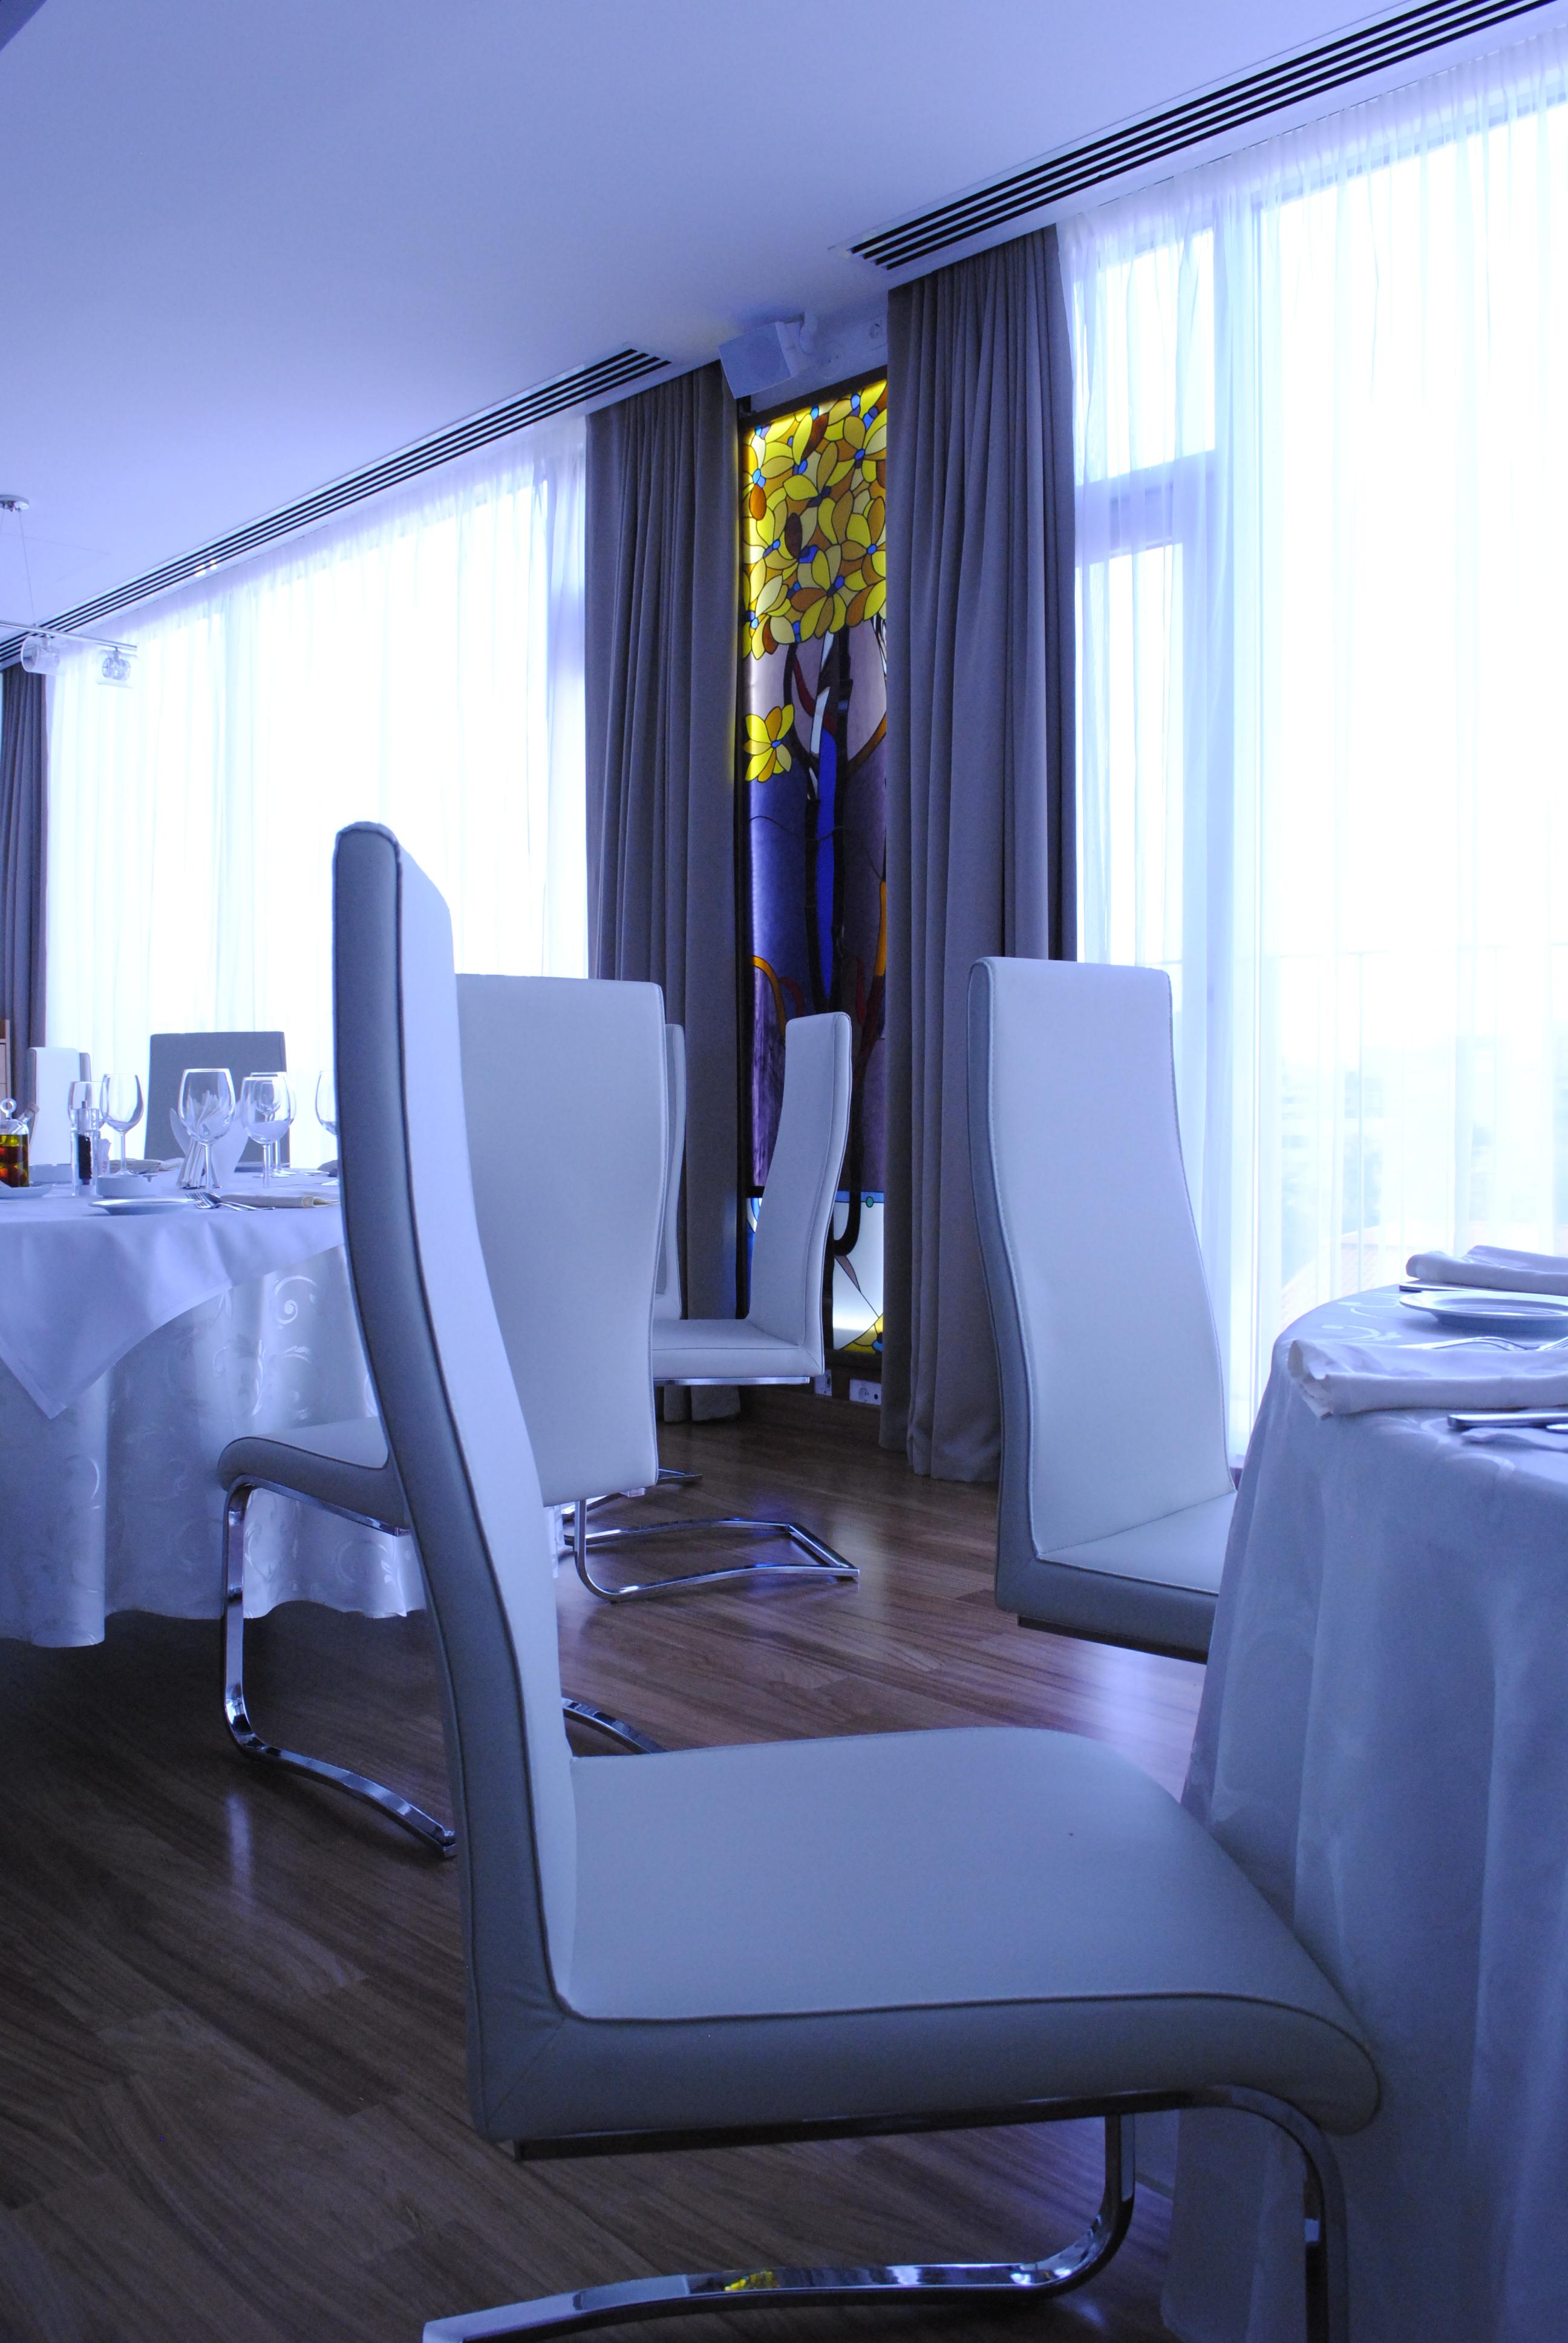 Hotel Marshall Garden 5 stele - Calea Dorobantilor, Bucuresti  SUPERFABER INDUSTRY - Poza 2